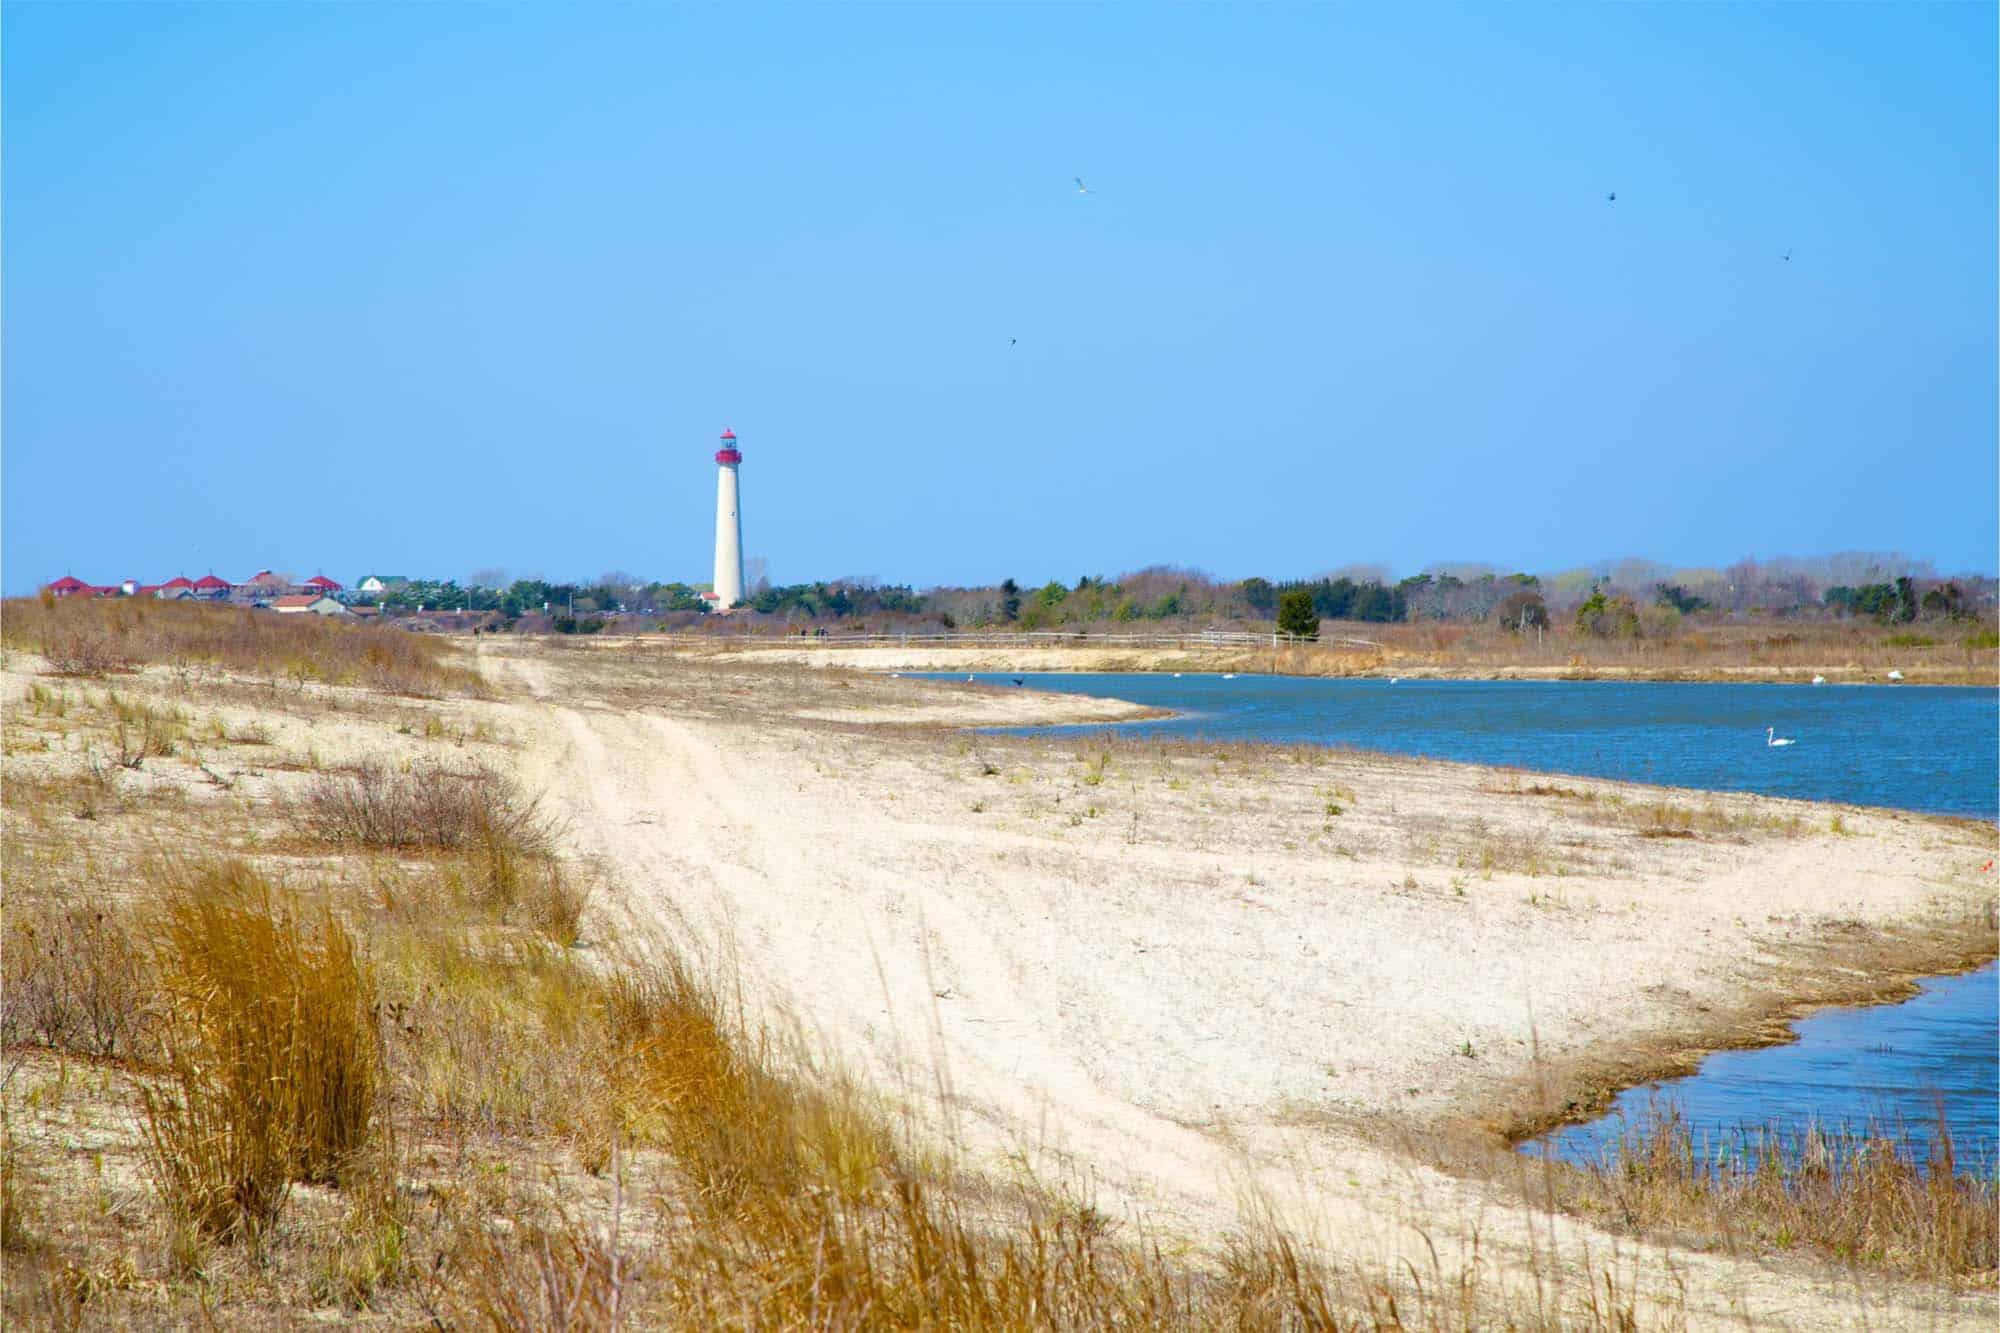 White lighthouse on shoreline